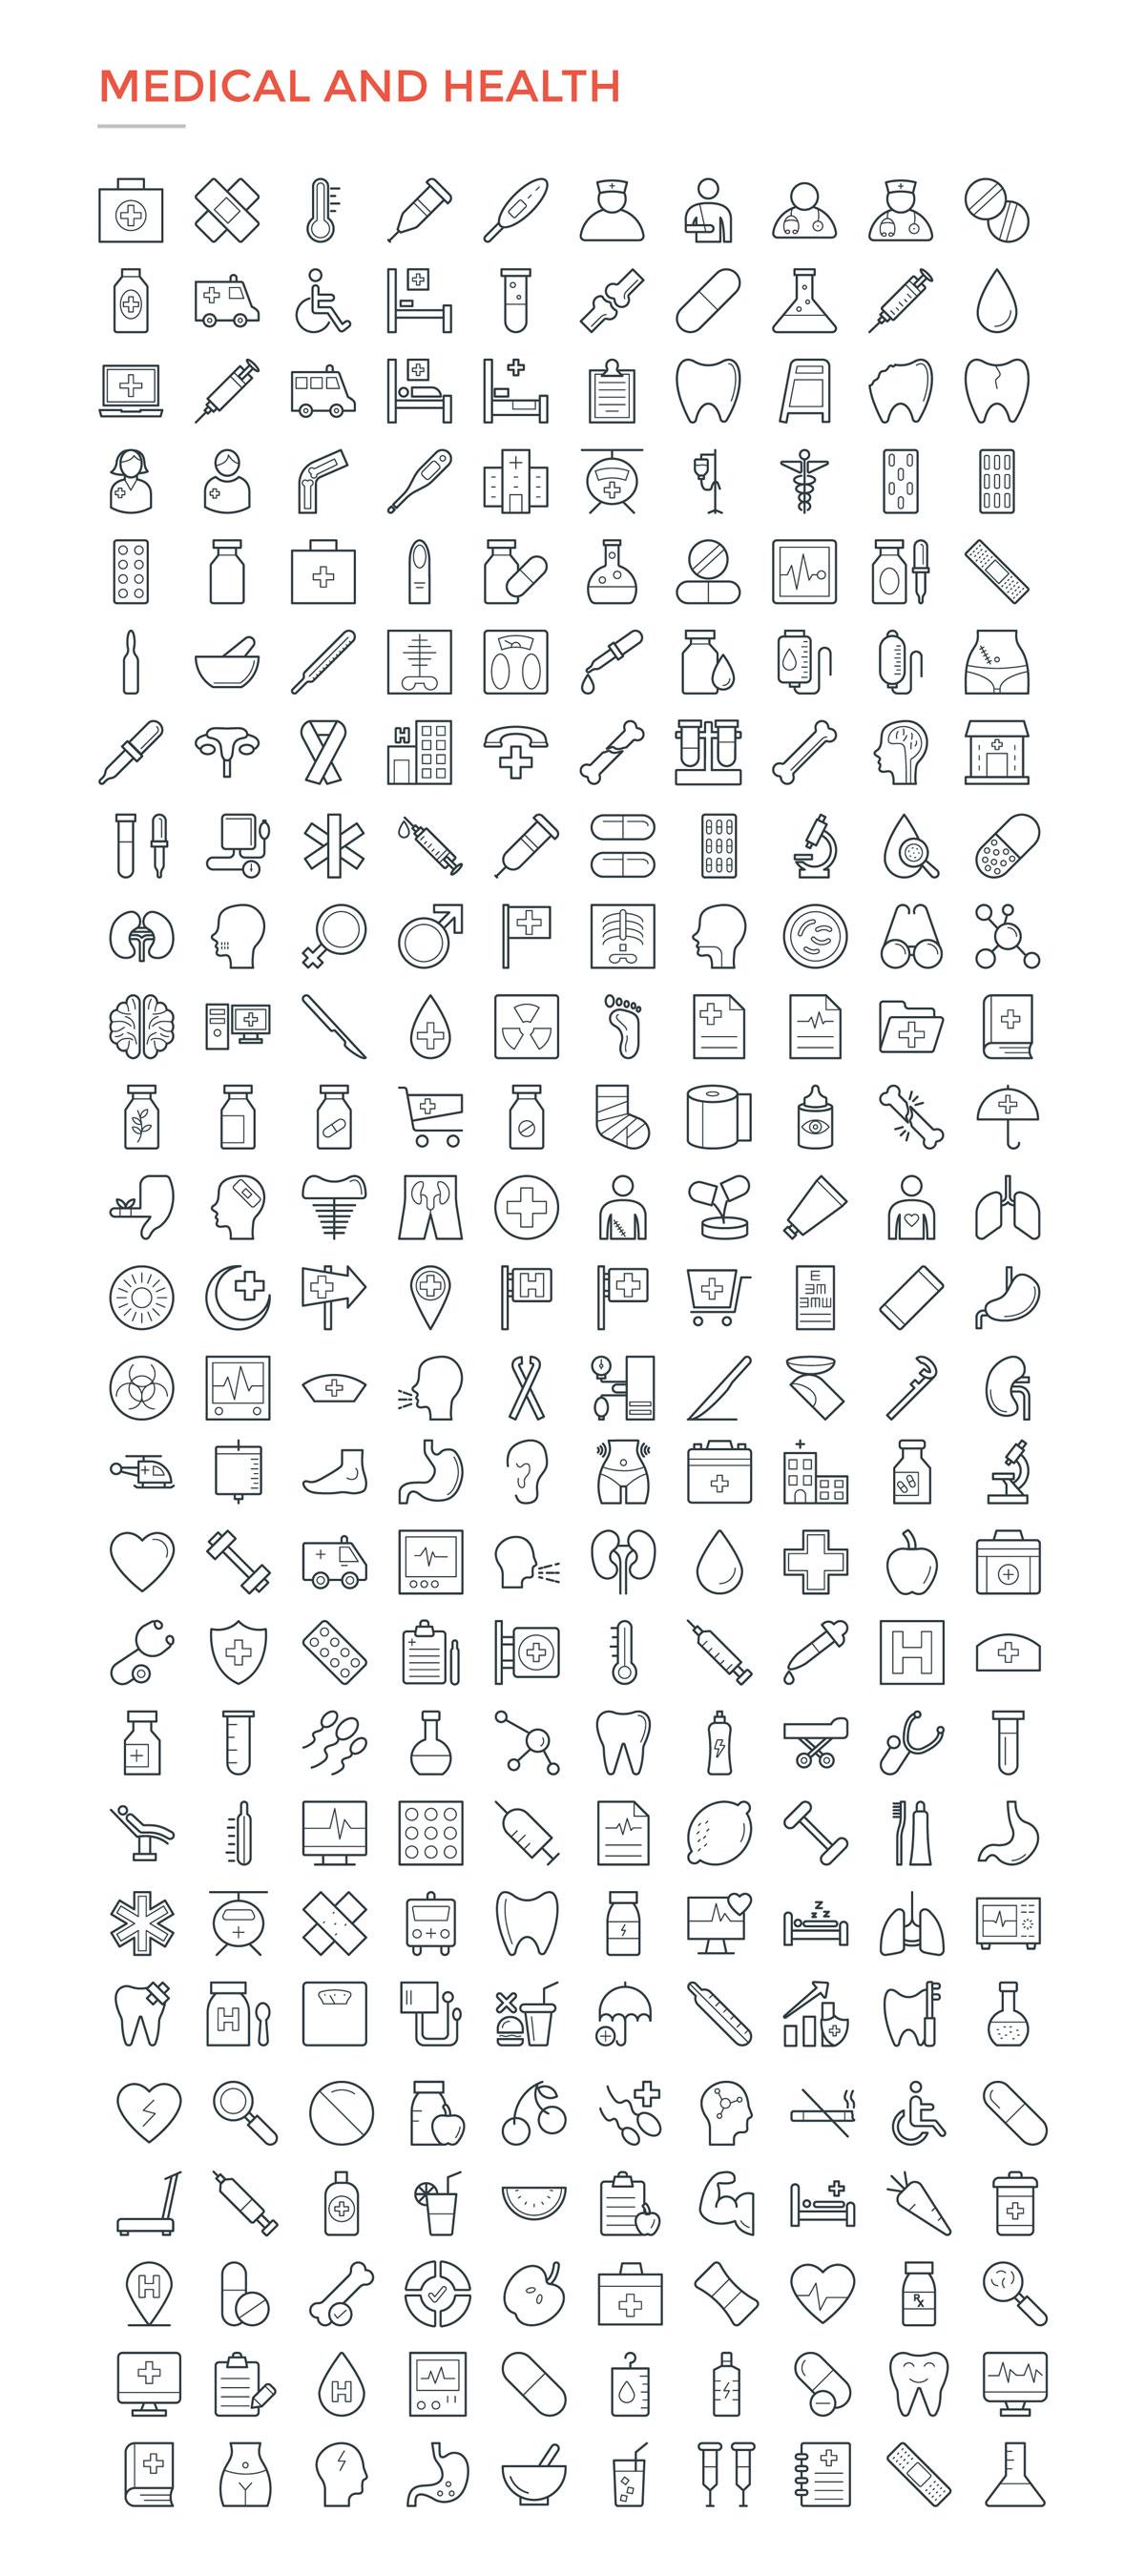 4800款独特的矢量图标合集 4800 Line Icons插图15